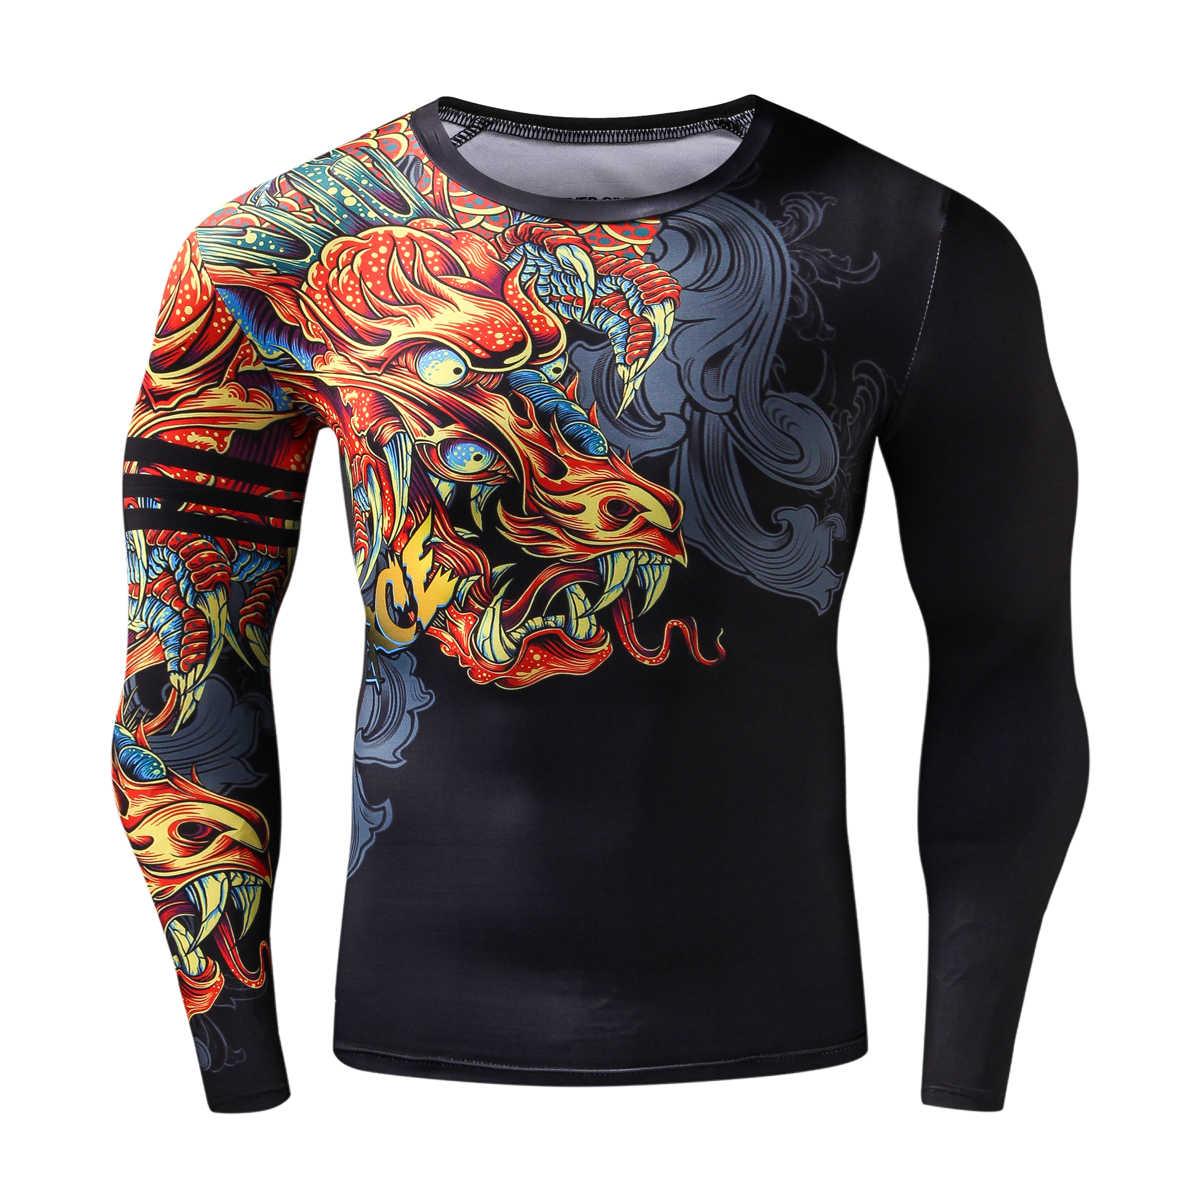 スポーツマンシャツ 3D ドラゴンジム服ジム S-2XL フィットネス男性クロスフィットプラスサイズジャージボディービル zrce 圧縮シャツ